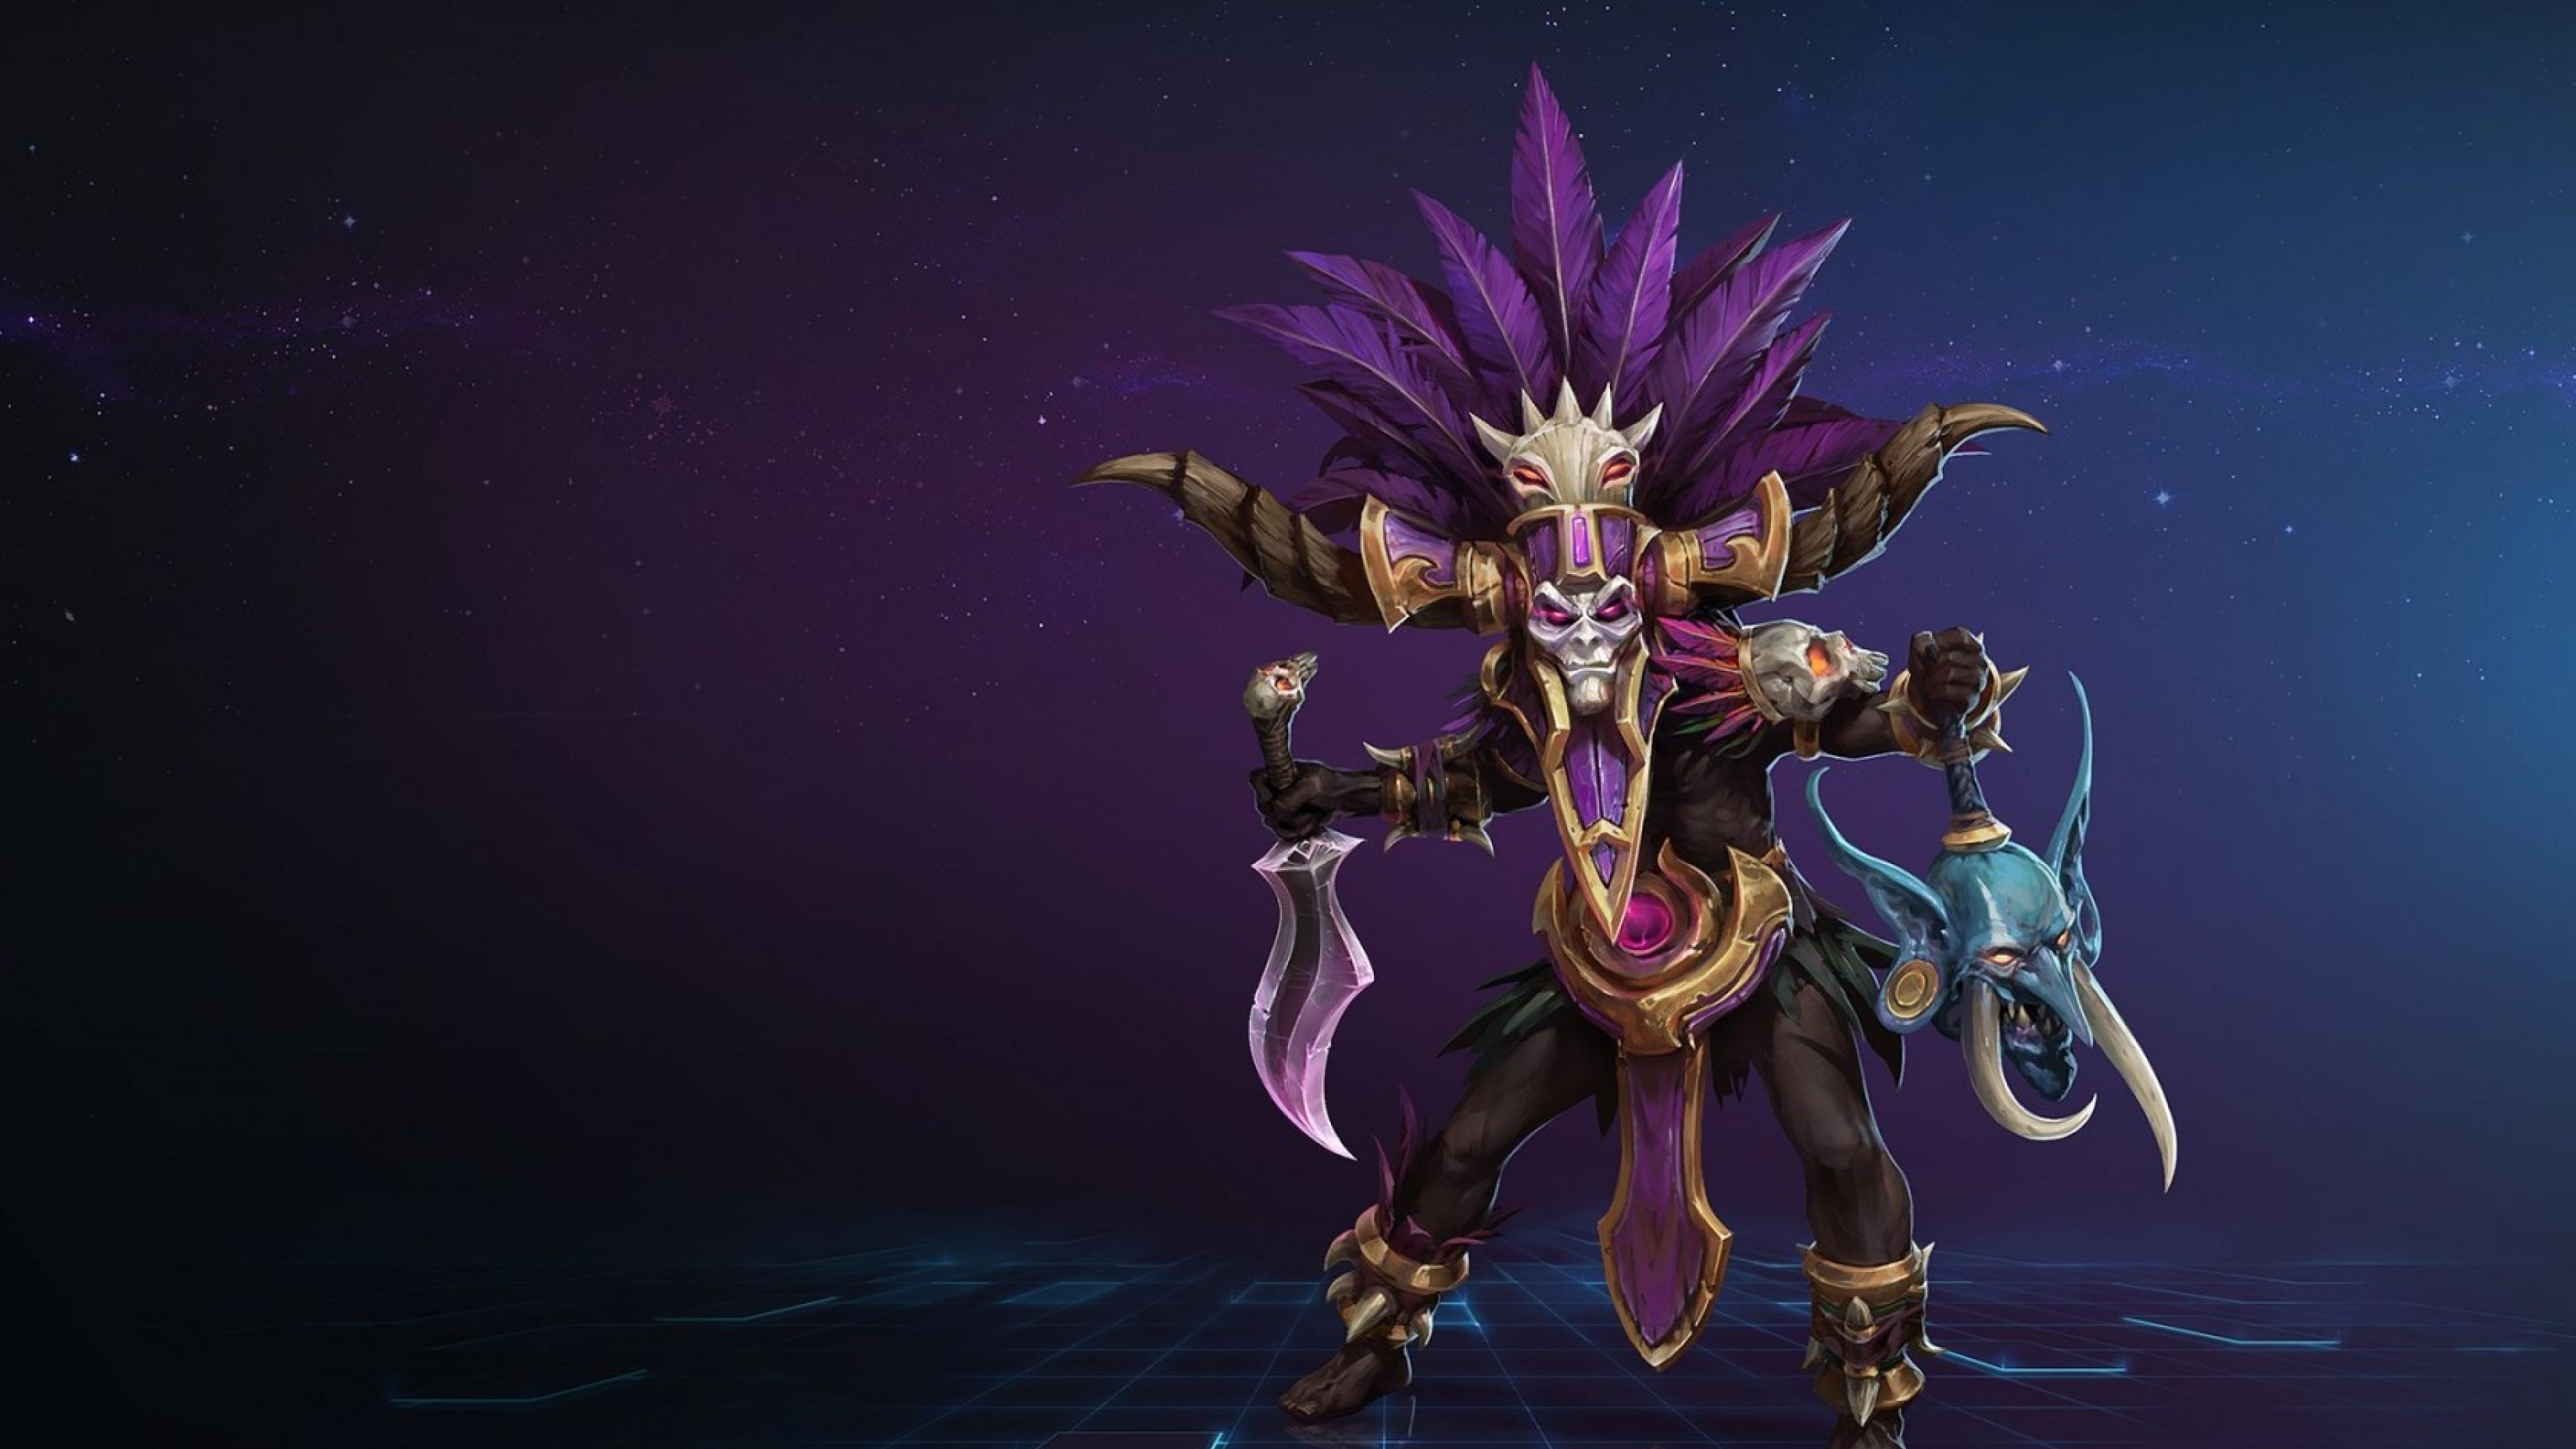 3840x2160 Heroes Of The Storm Blizzard Warlock 4k Wallpaper Hd